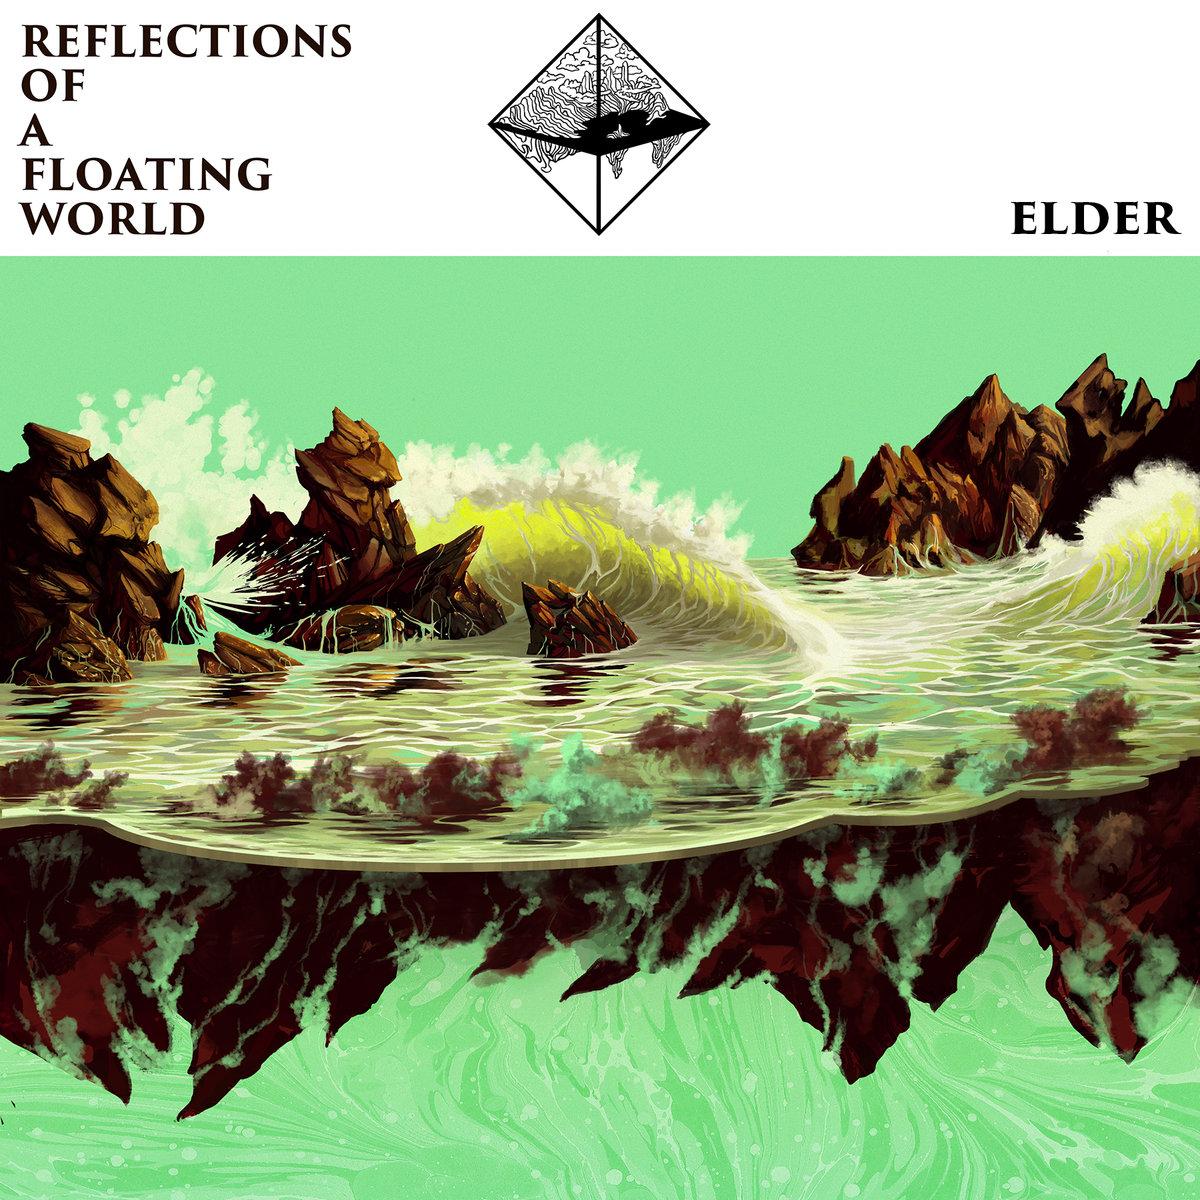 Elder -